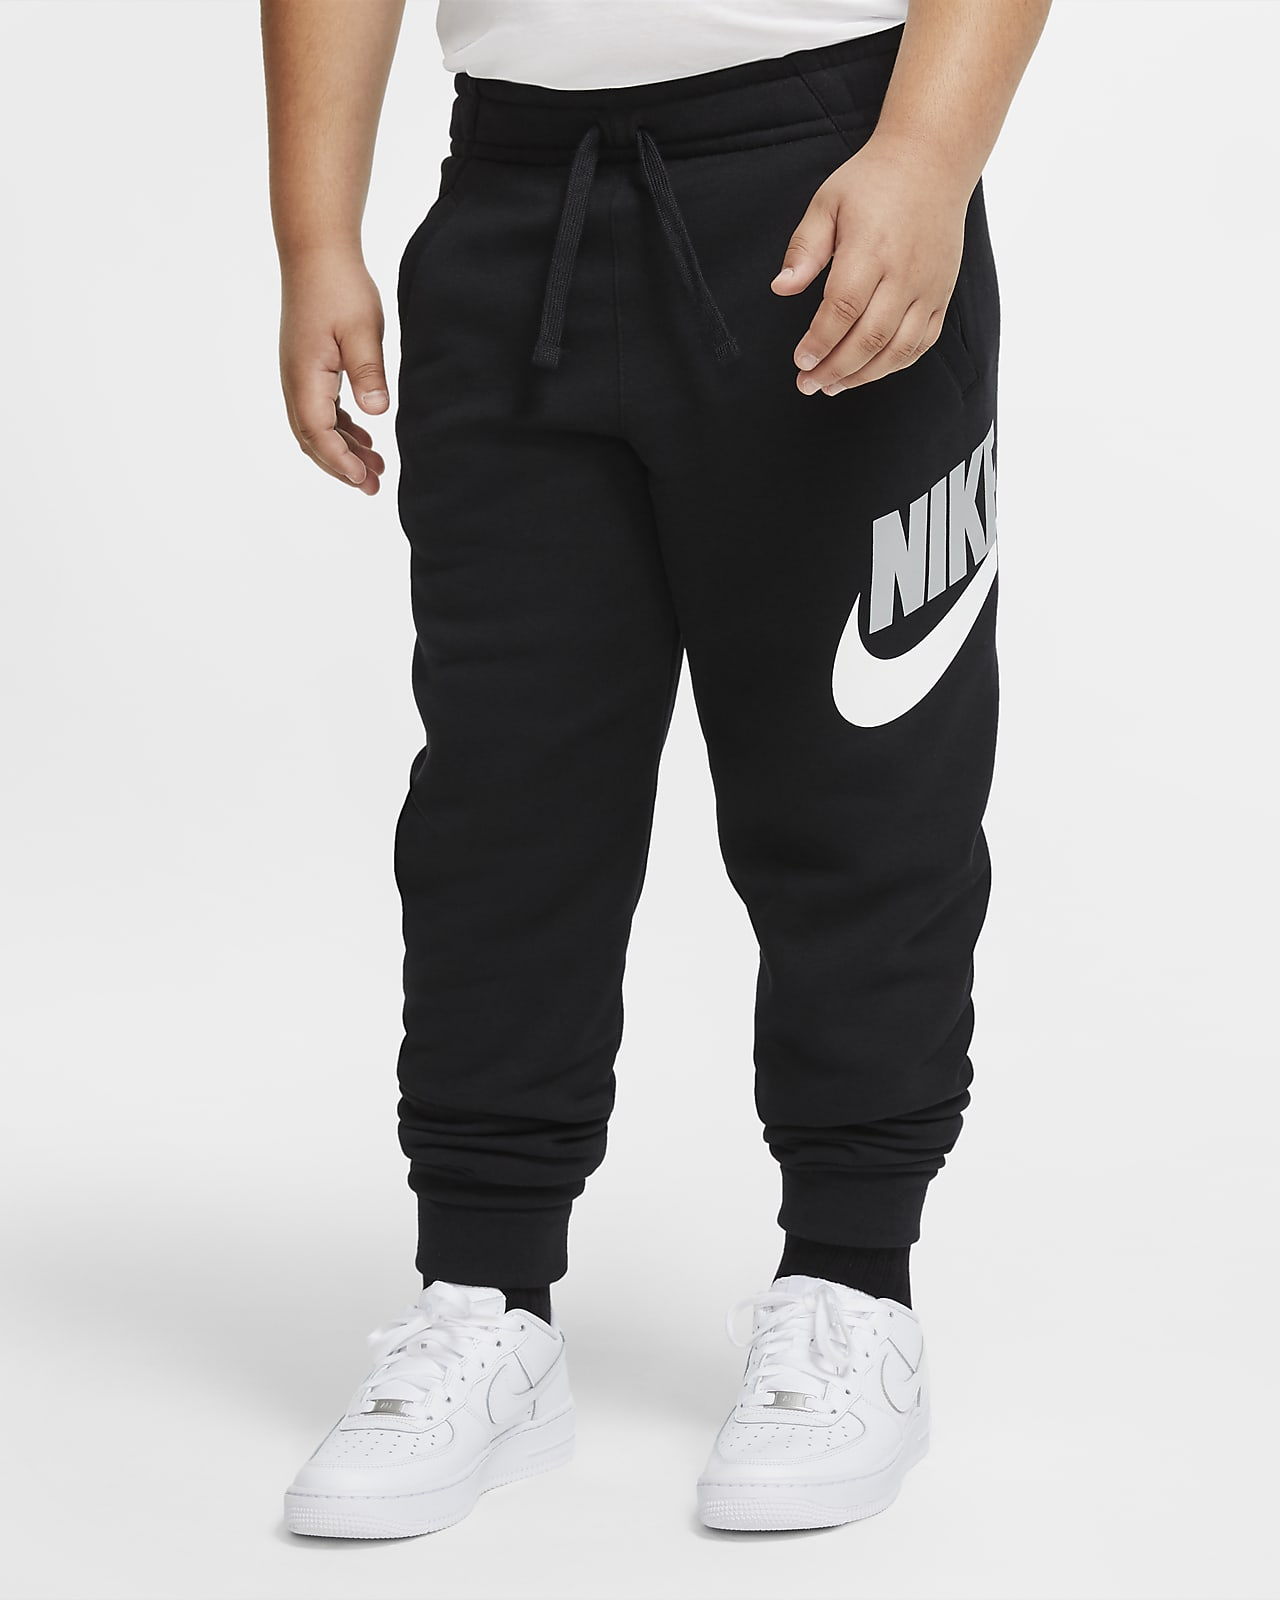 Παντελόνι Nike Sportswear Club Fleece για μεγάλα αγόρια (μεγαλύτερο μέγεθος)